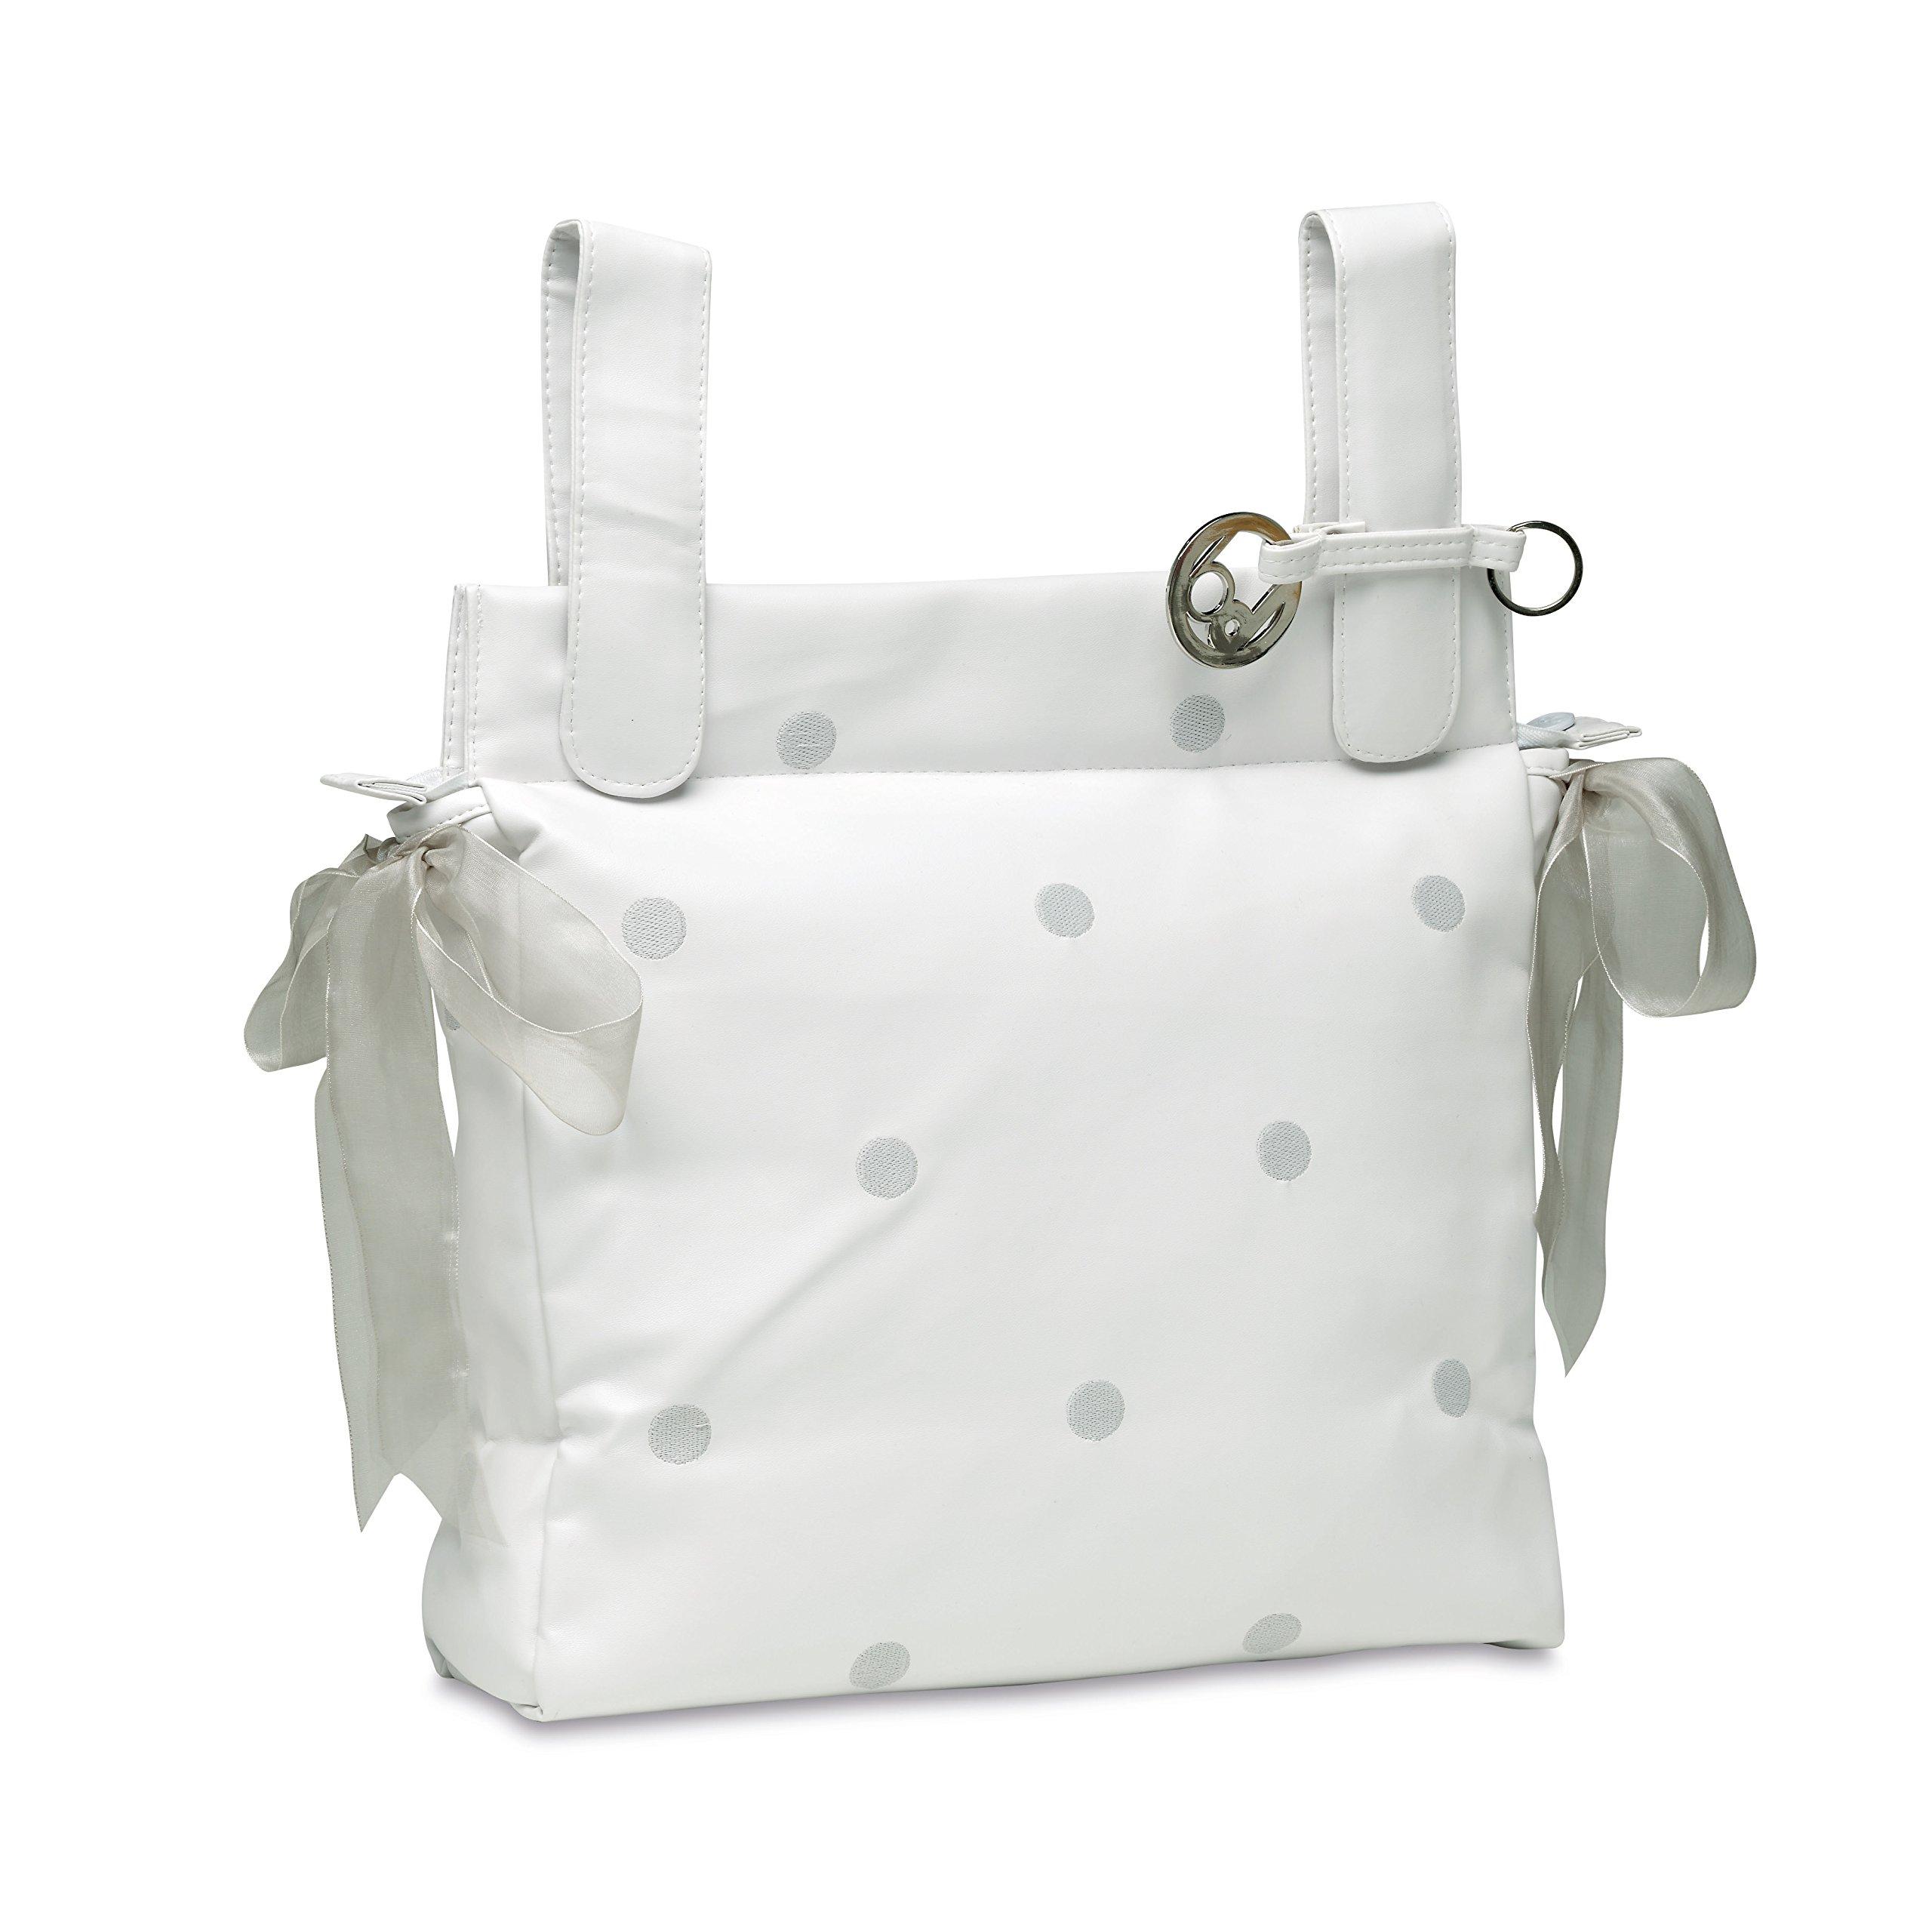 bimbi romantico–Talega, 34x 36x 9cm, bianco/grigio